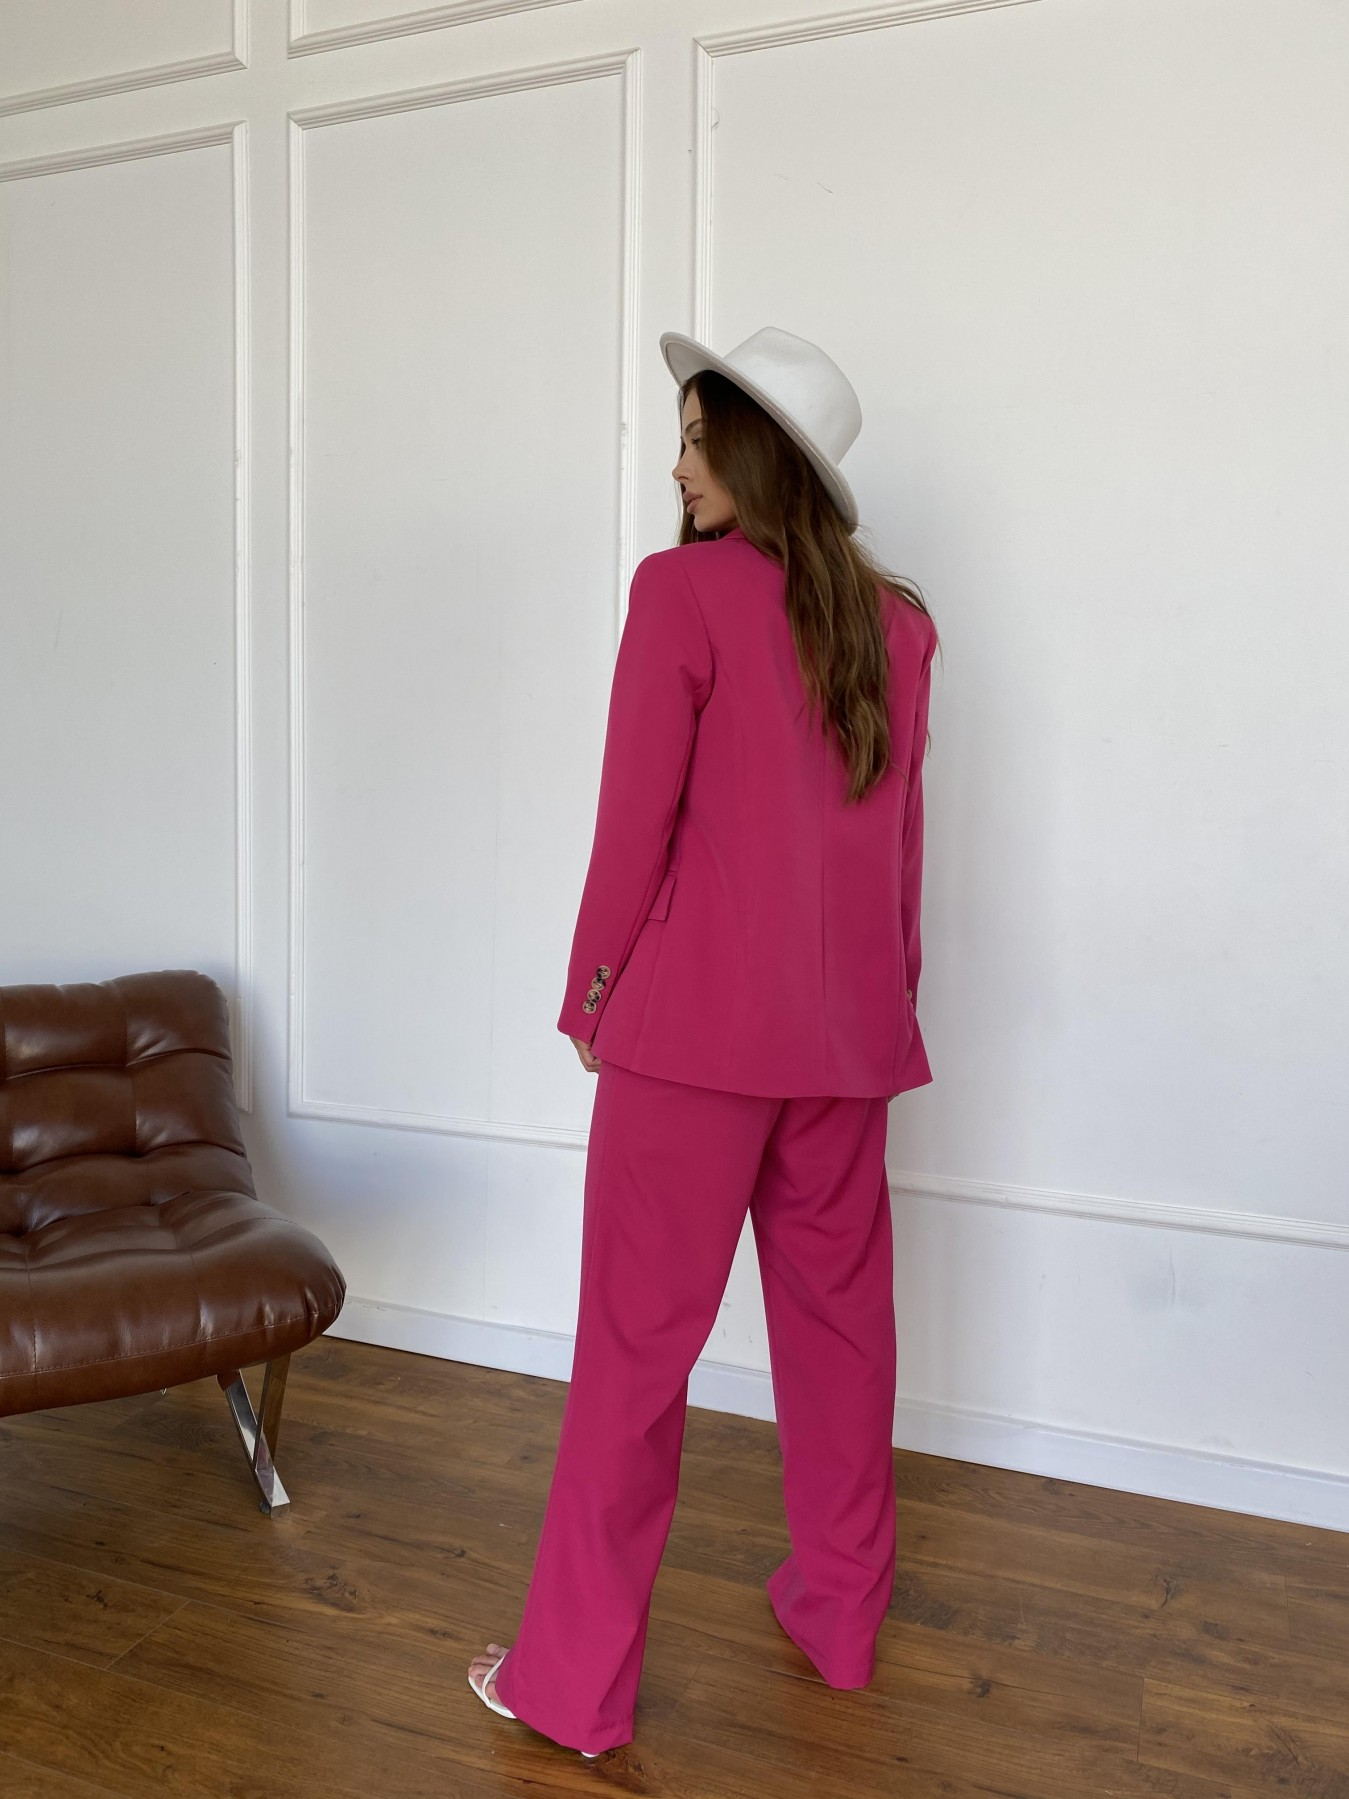 Белисимо  костюм стрейч из костюмной ткани 11217 АРТ. 47818 Цвет: Малиновый 2 - фото 6, интернет магазин tm-modus.ru